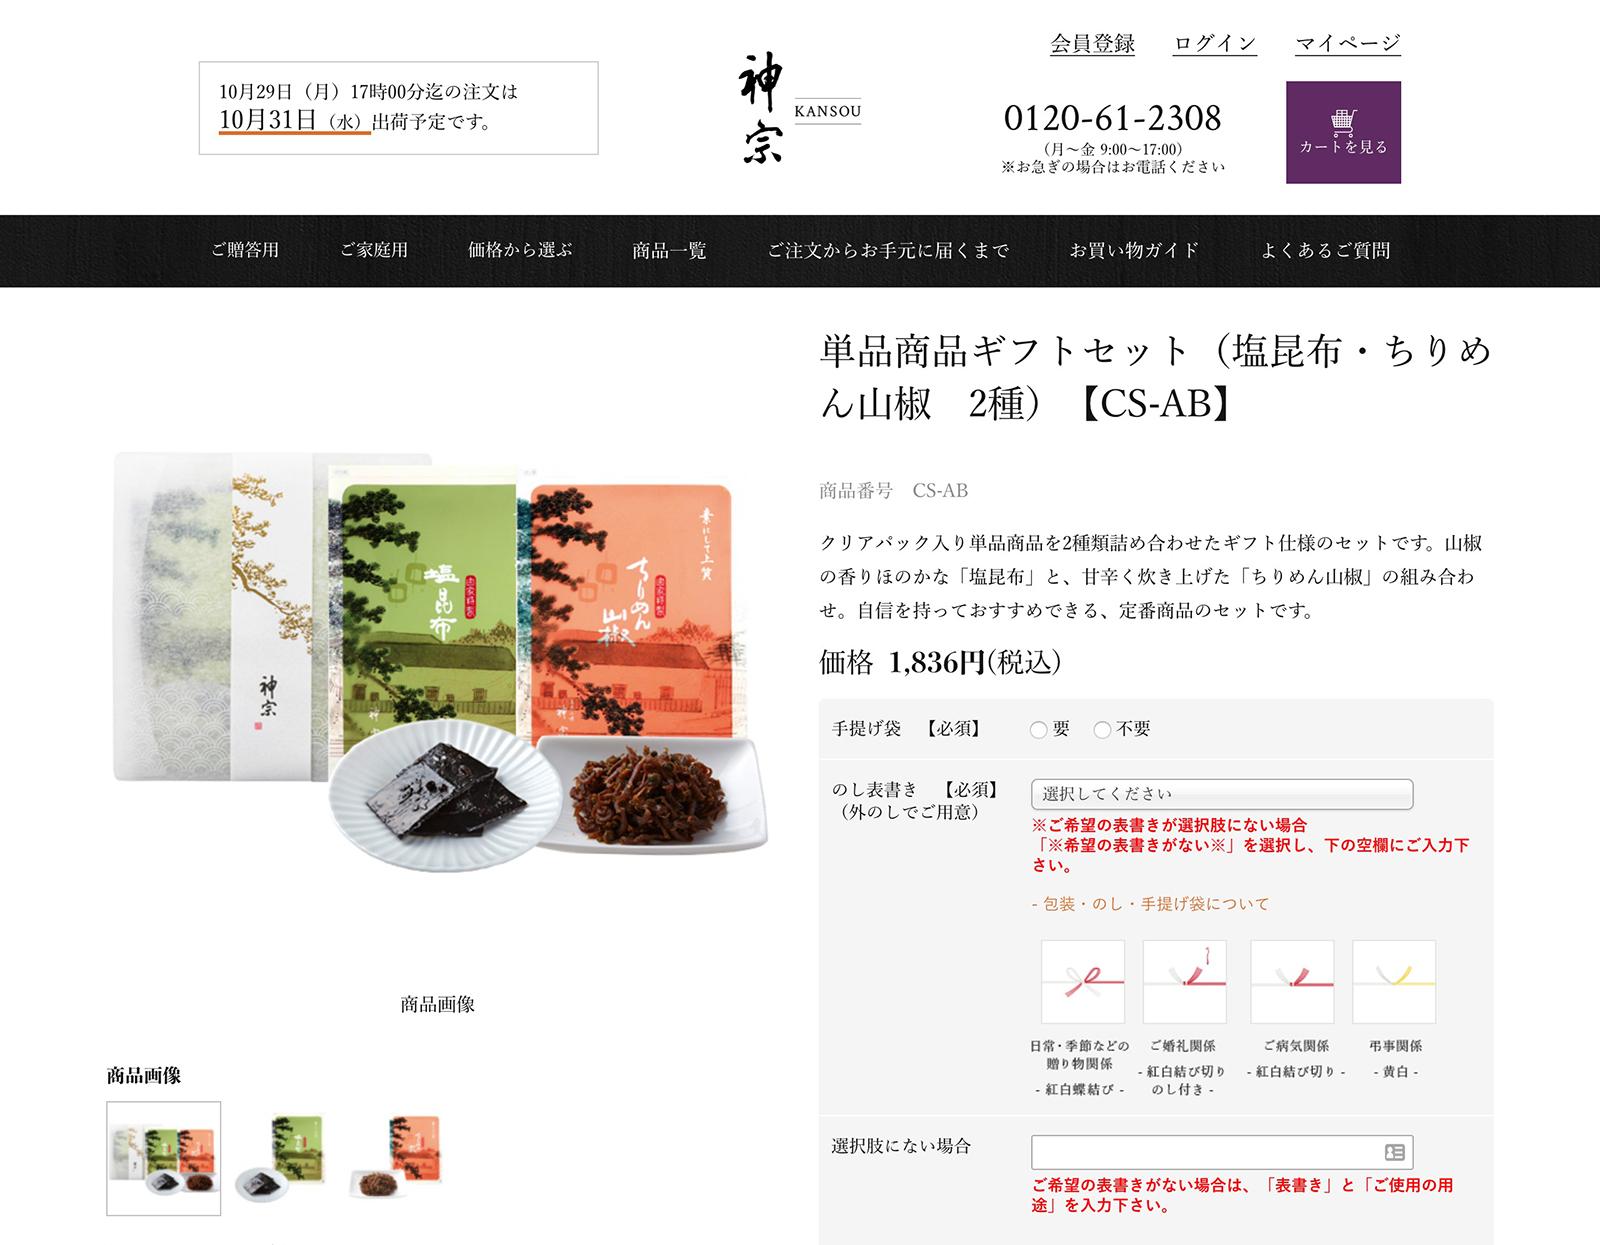 神宗 Webサイトデザイン 詳細ページ